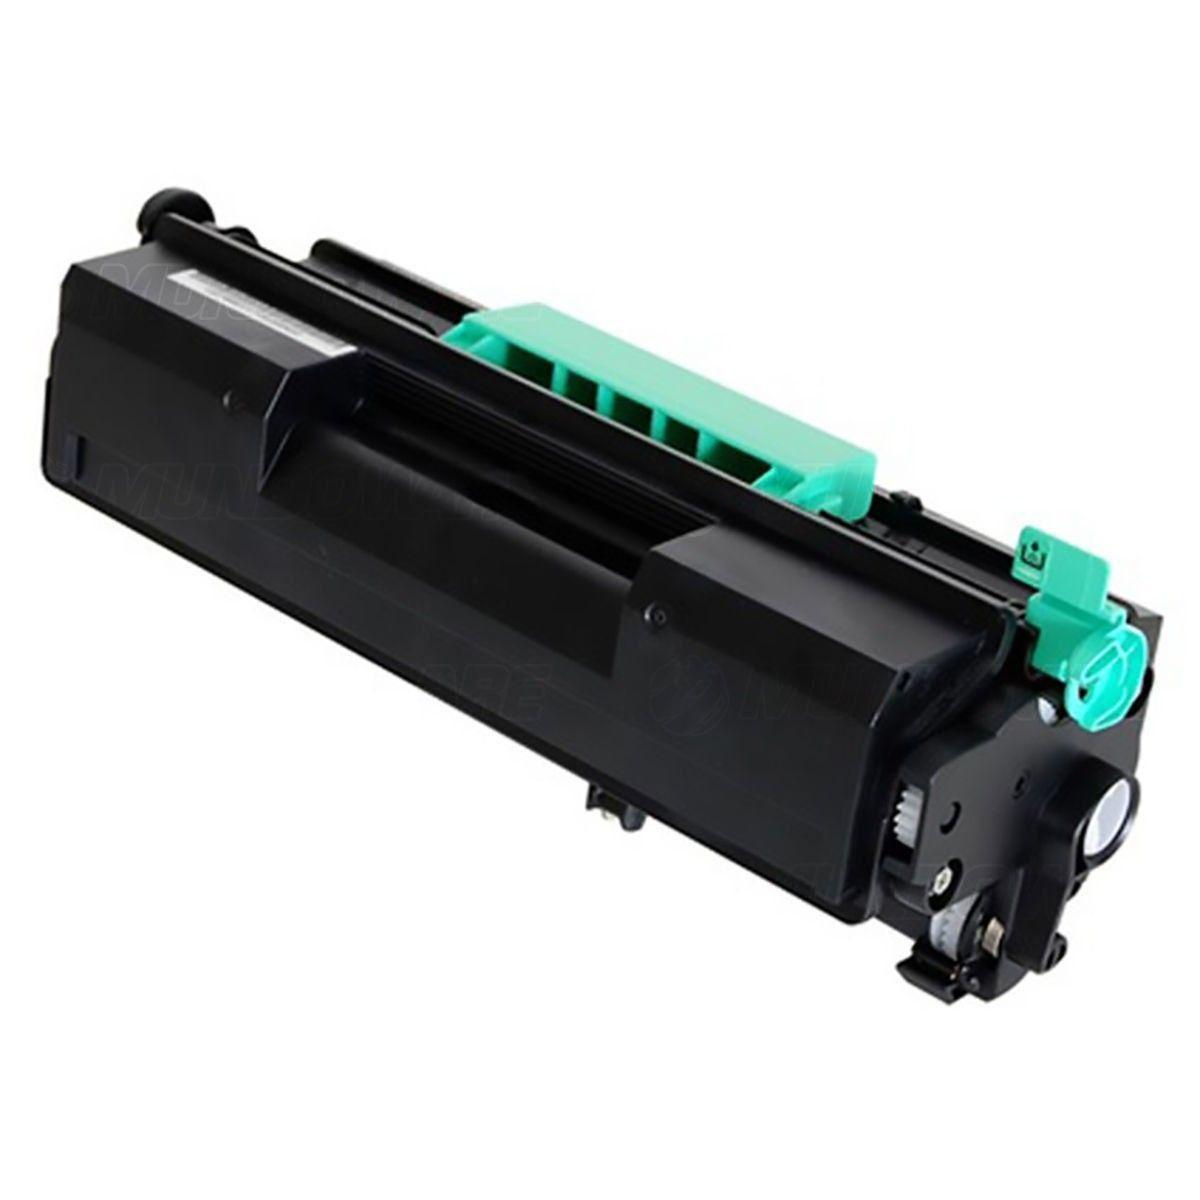 Compatível: Toner SP4510 para Ricoh SP3600 SP3610 SP4500 SP-4510 SP-3600 SP-3610 SP-4500 / Preto / 6.000